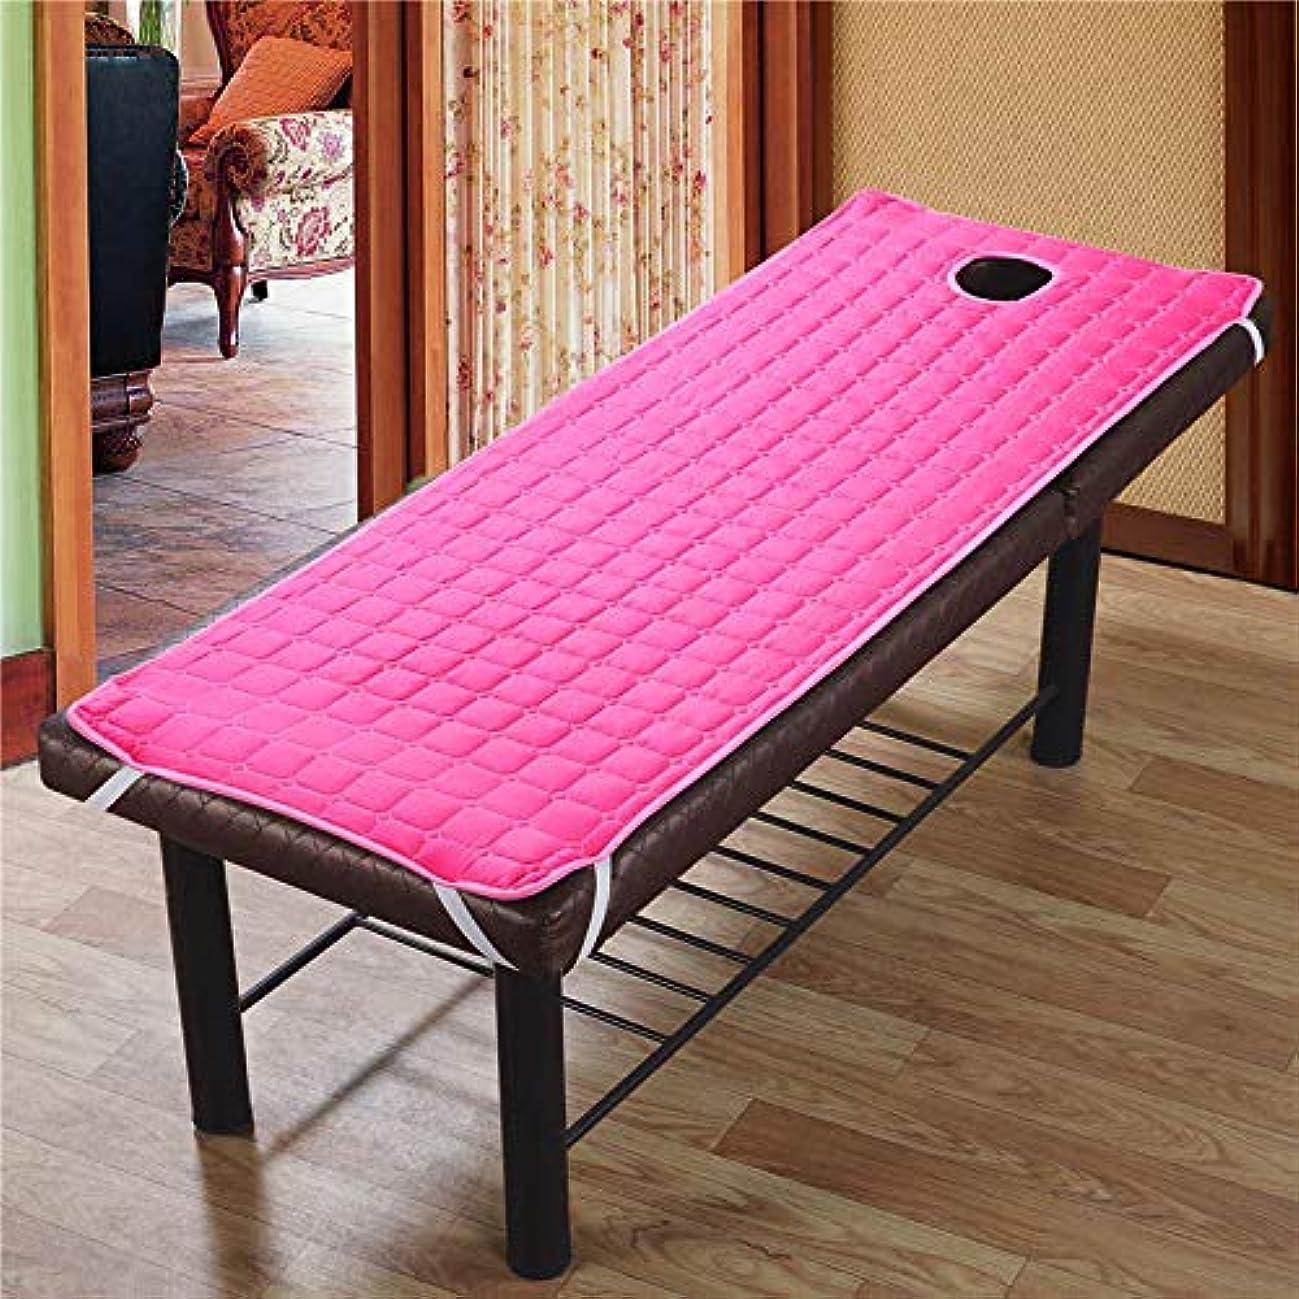 ロッドビリー小屋JanusSaja 美容院のマッサージ療法のベッドのための滑り止めのSoliod色の長方形のマットレス